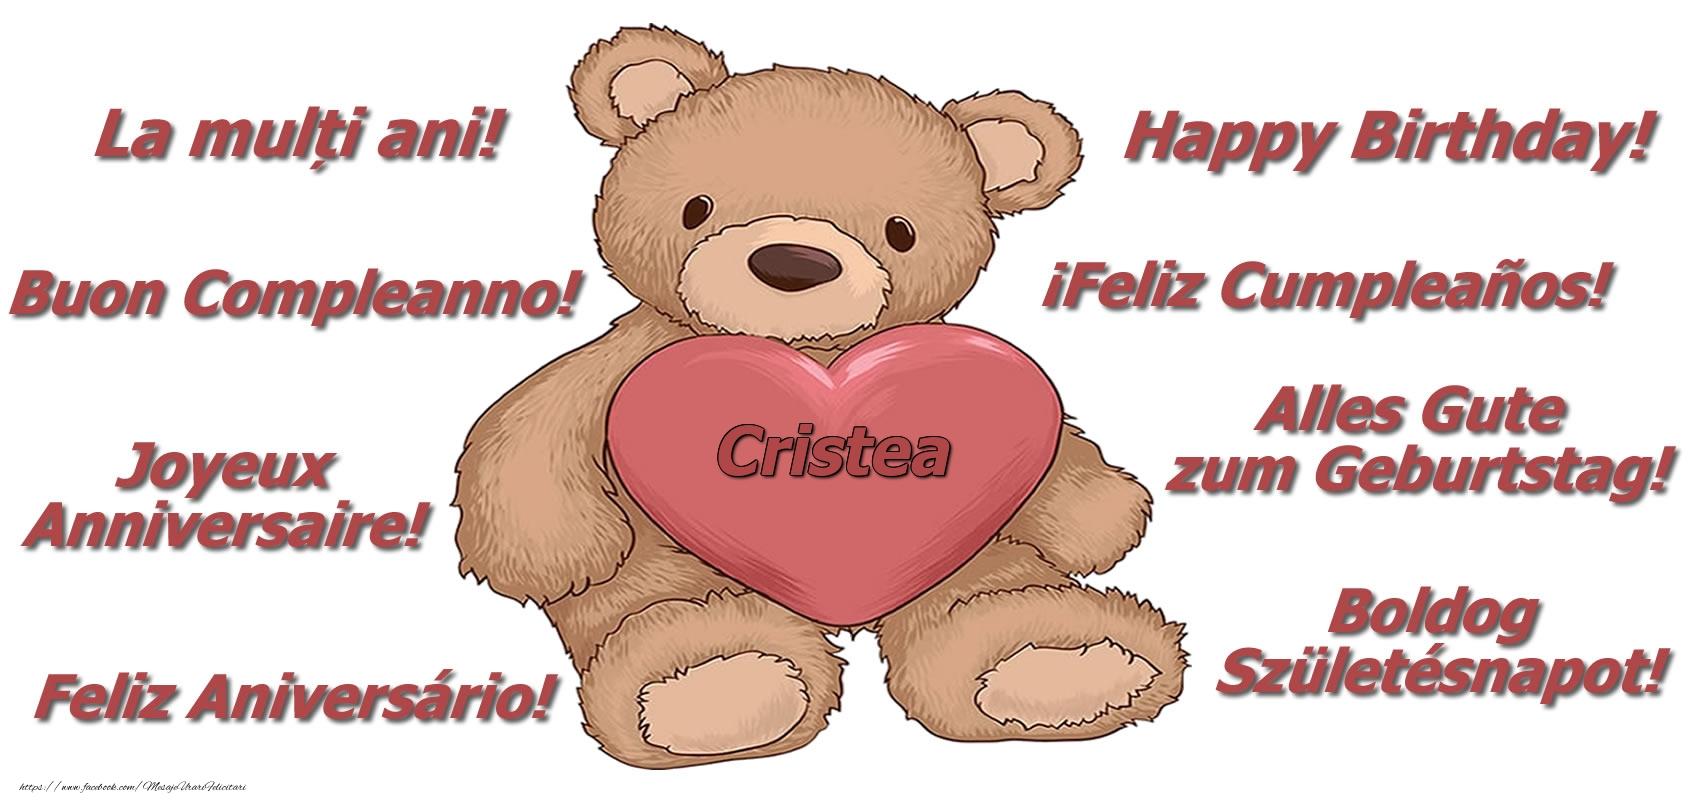 Felicitari de zi de nastere - La multi ani Cristea! - Ursulet